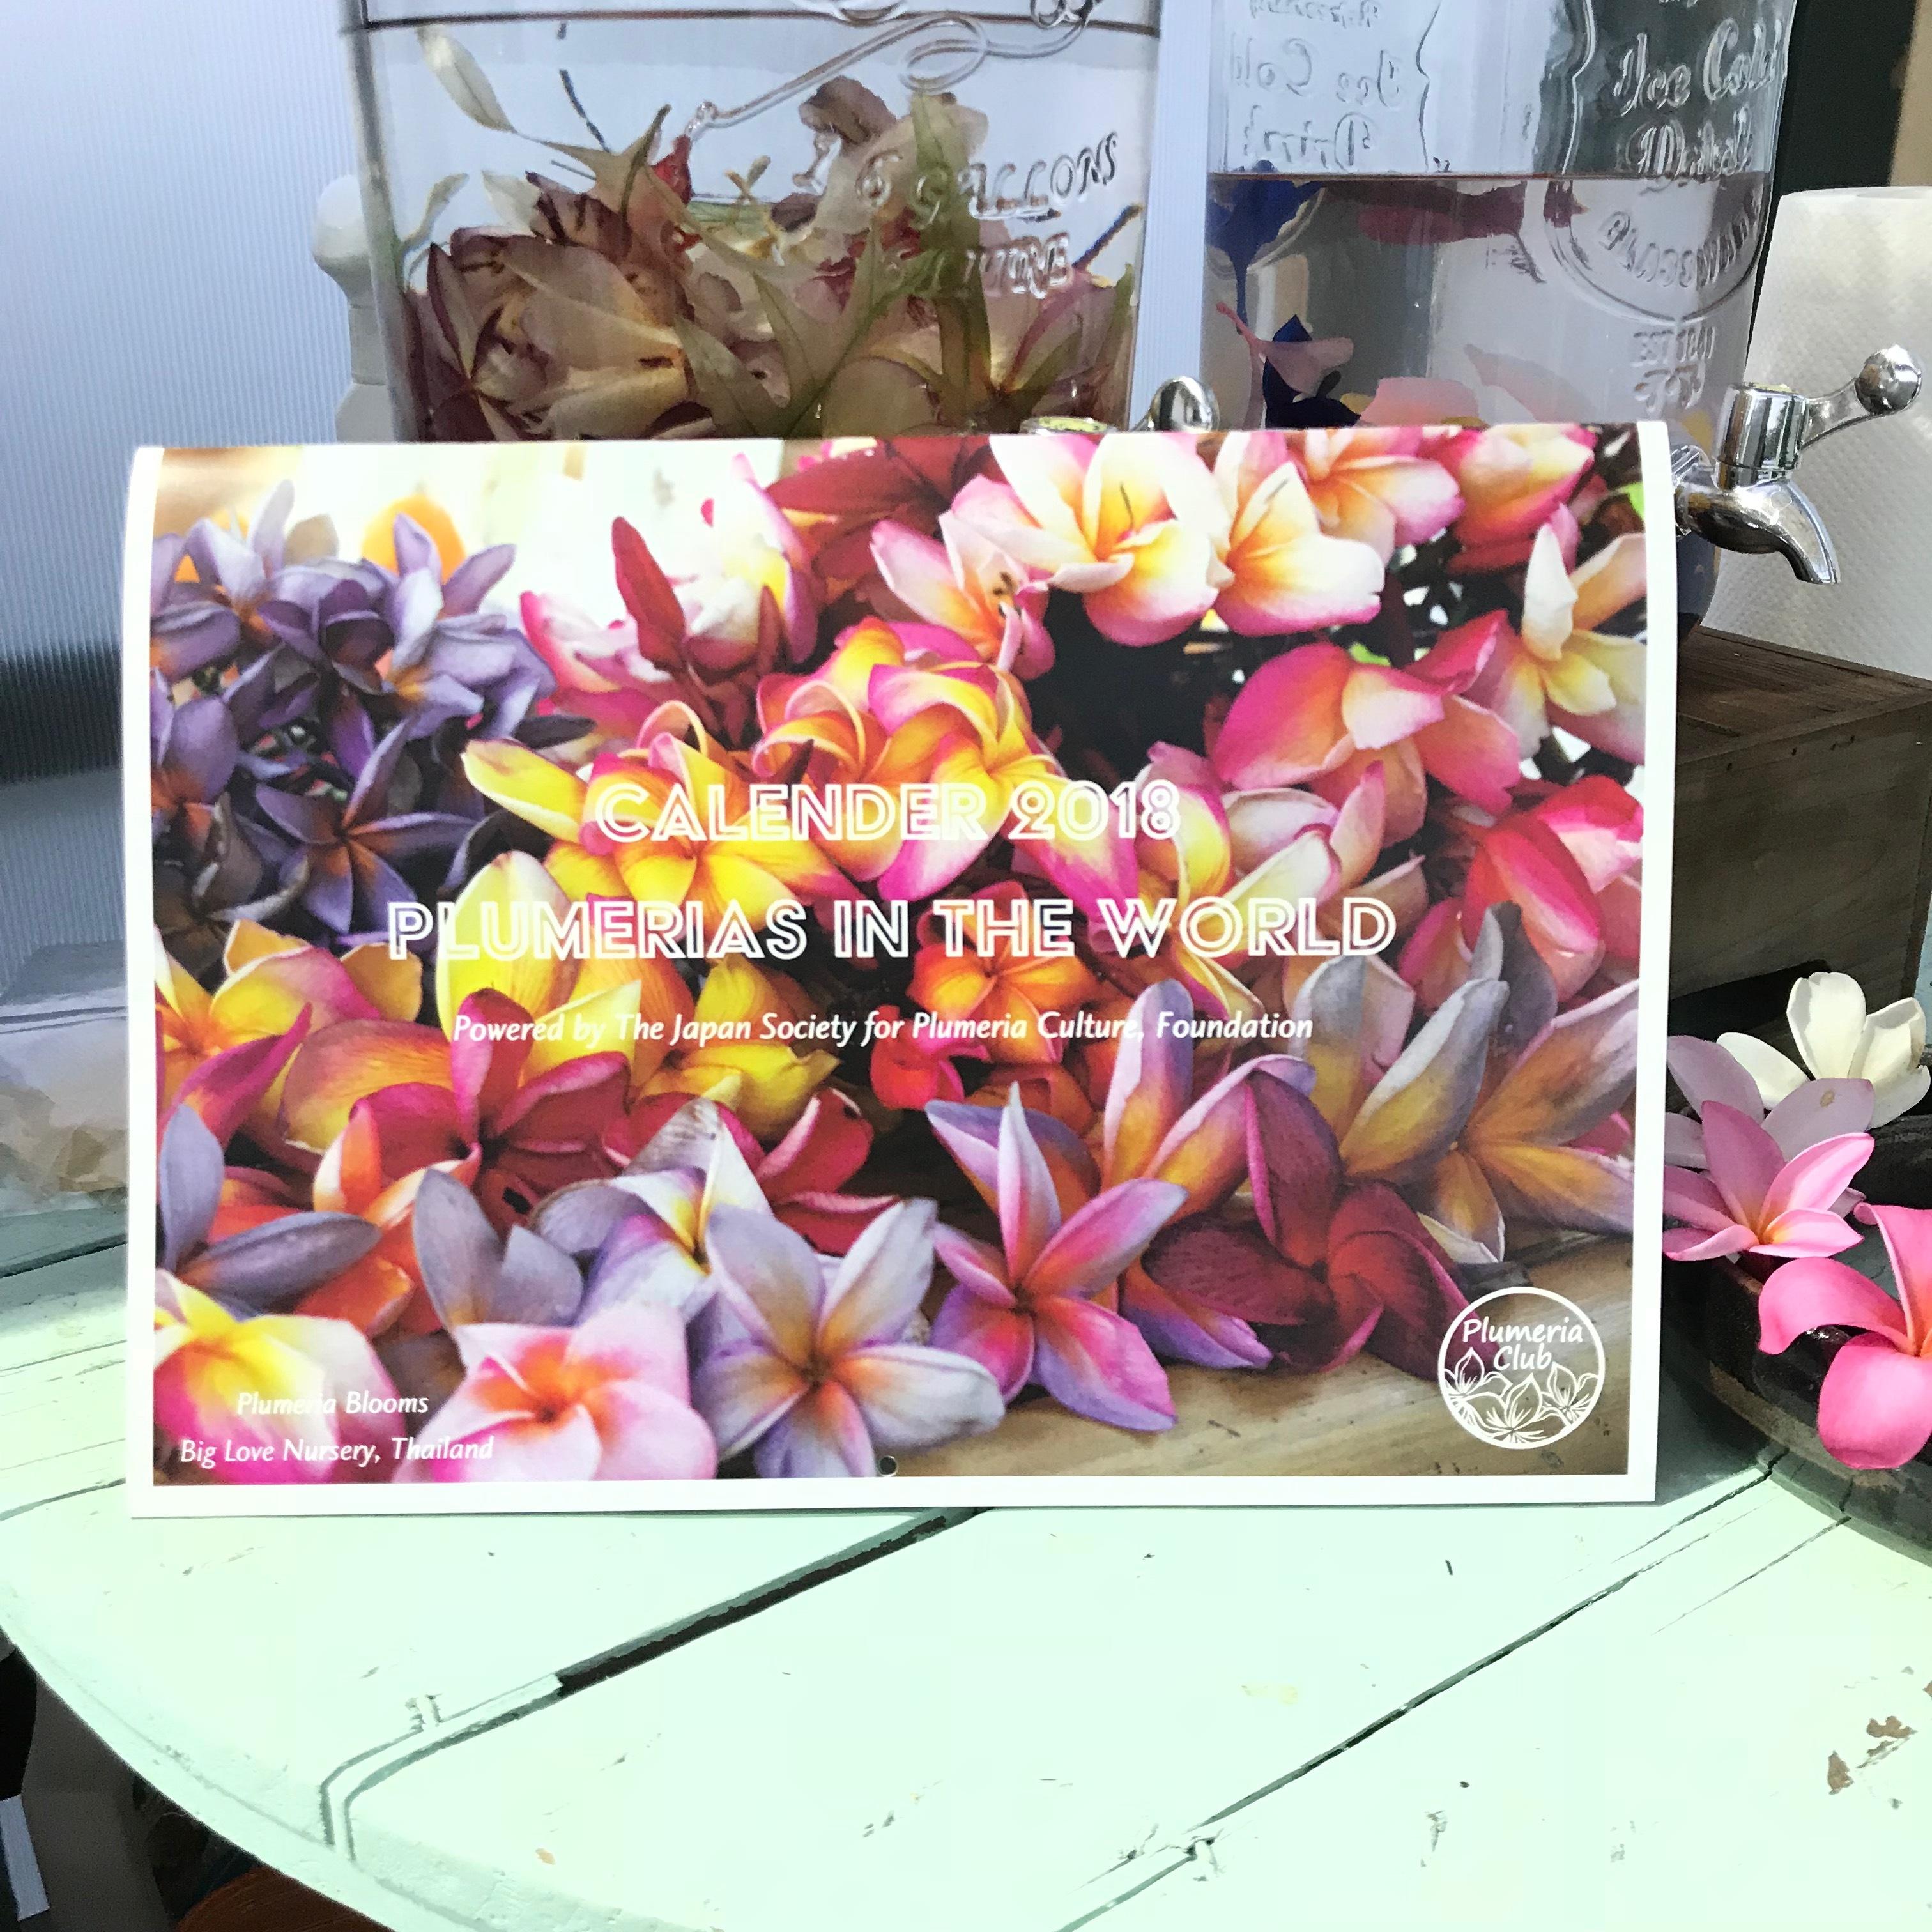 【世界の名花プルメリアが楽しめるカレンダー】PLUMERIA CALENDER 2018 (ゆうパケットにて発送)